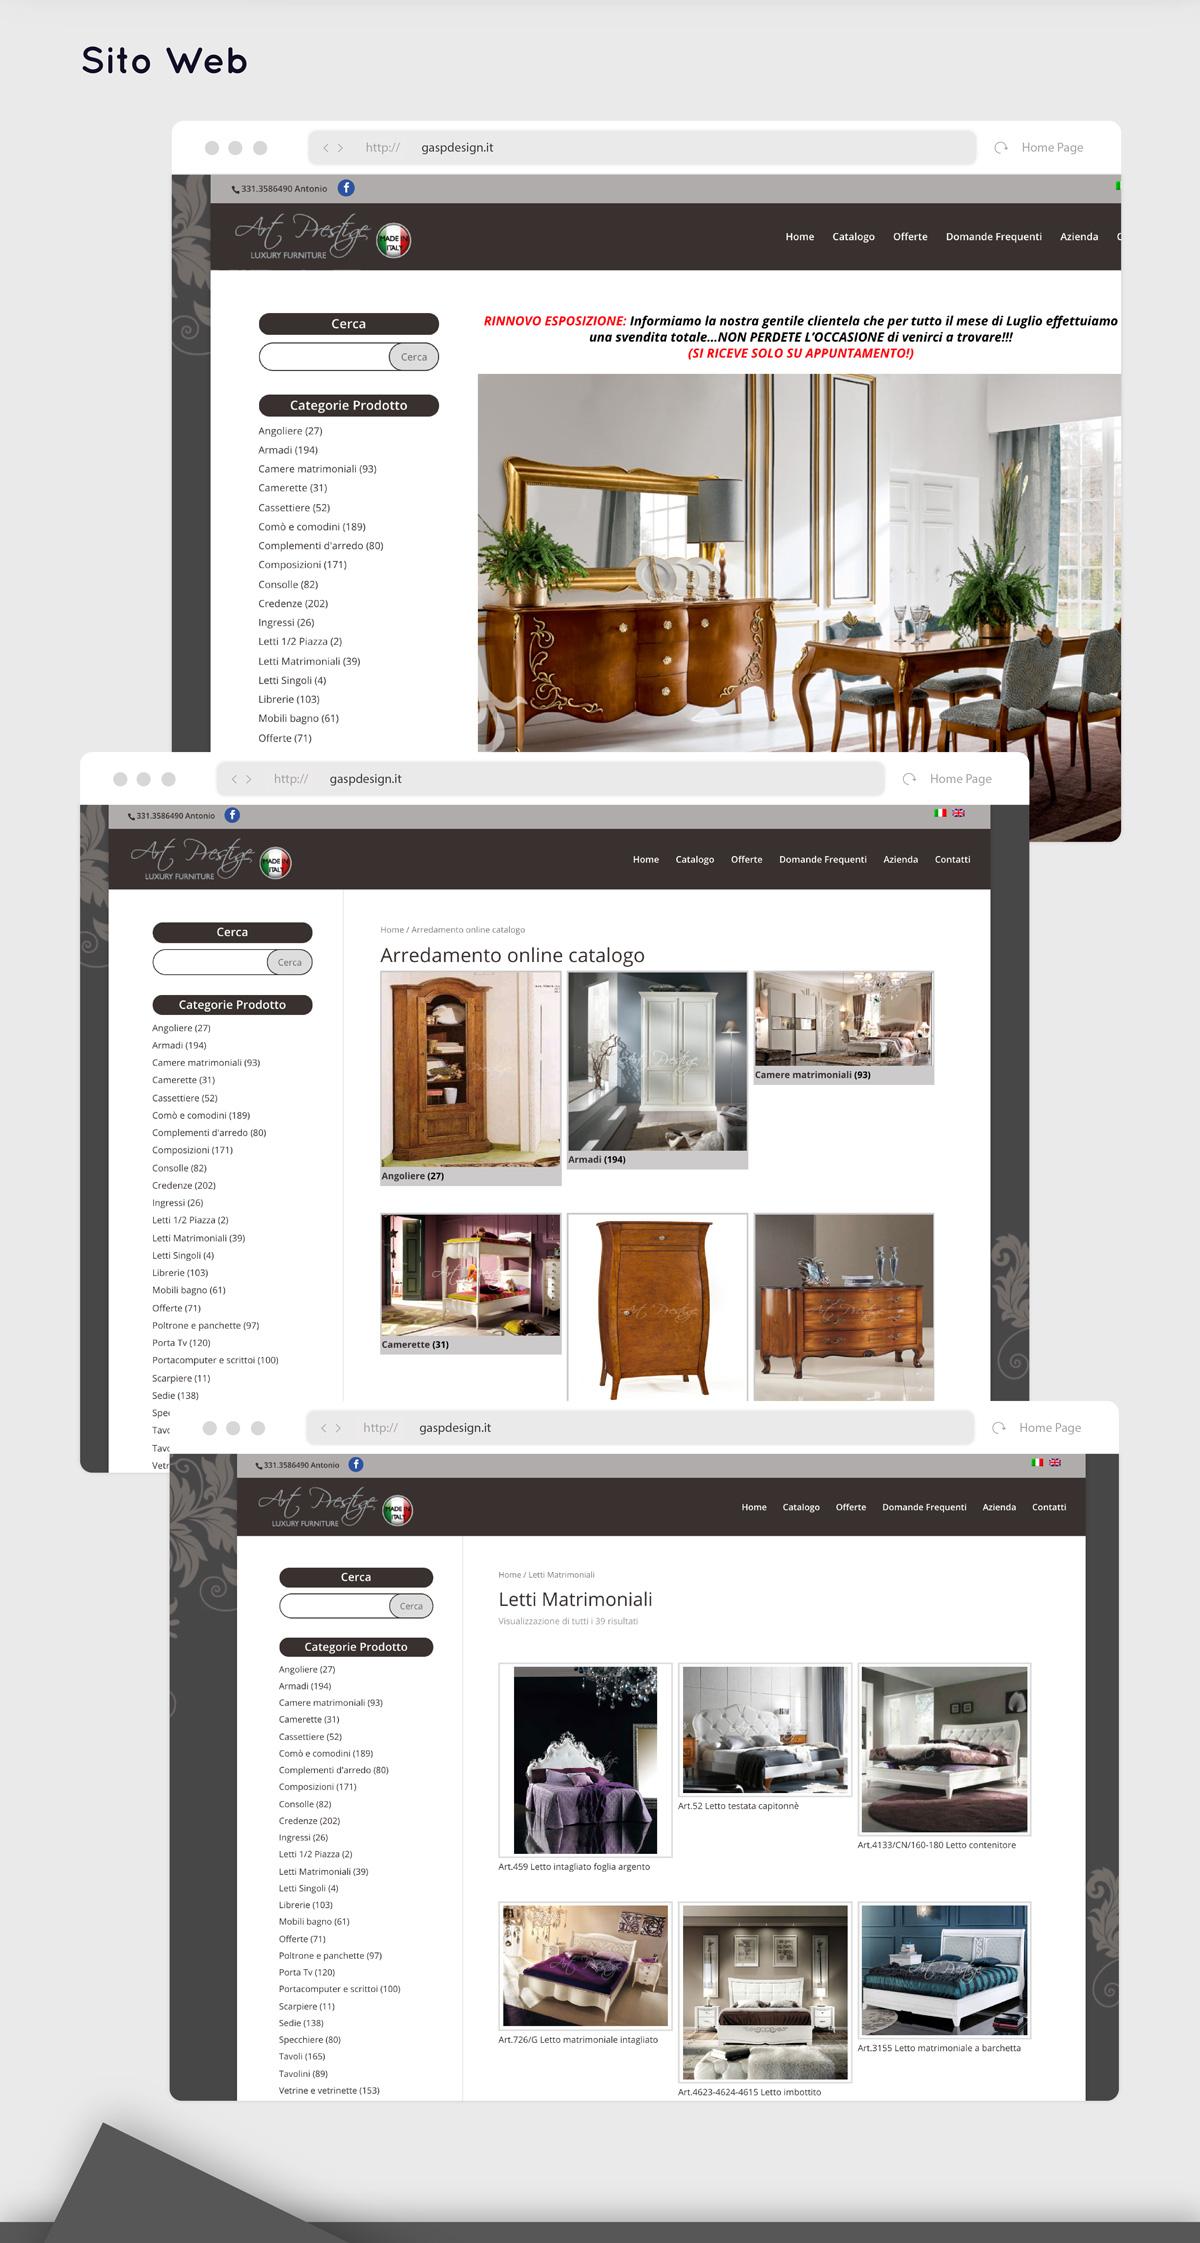 Sito vendita arredamento online consulente di web for Sito arredamento design